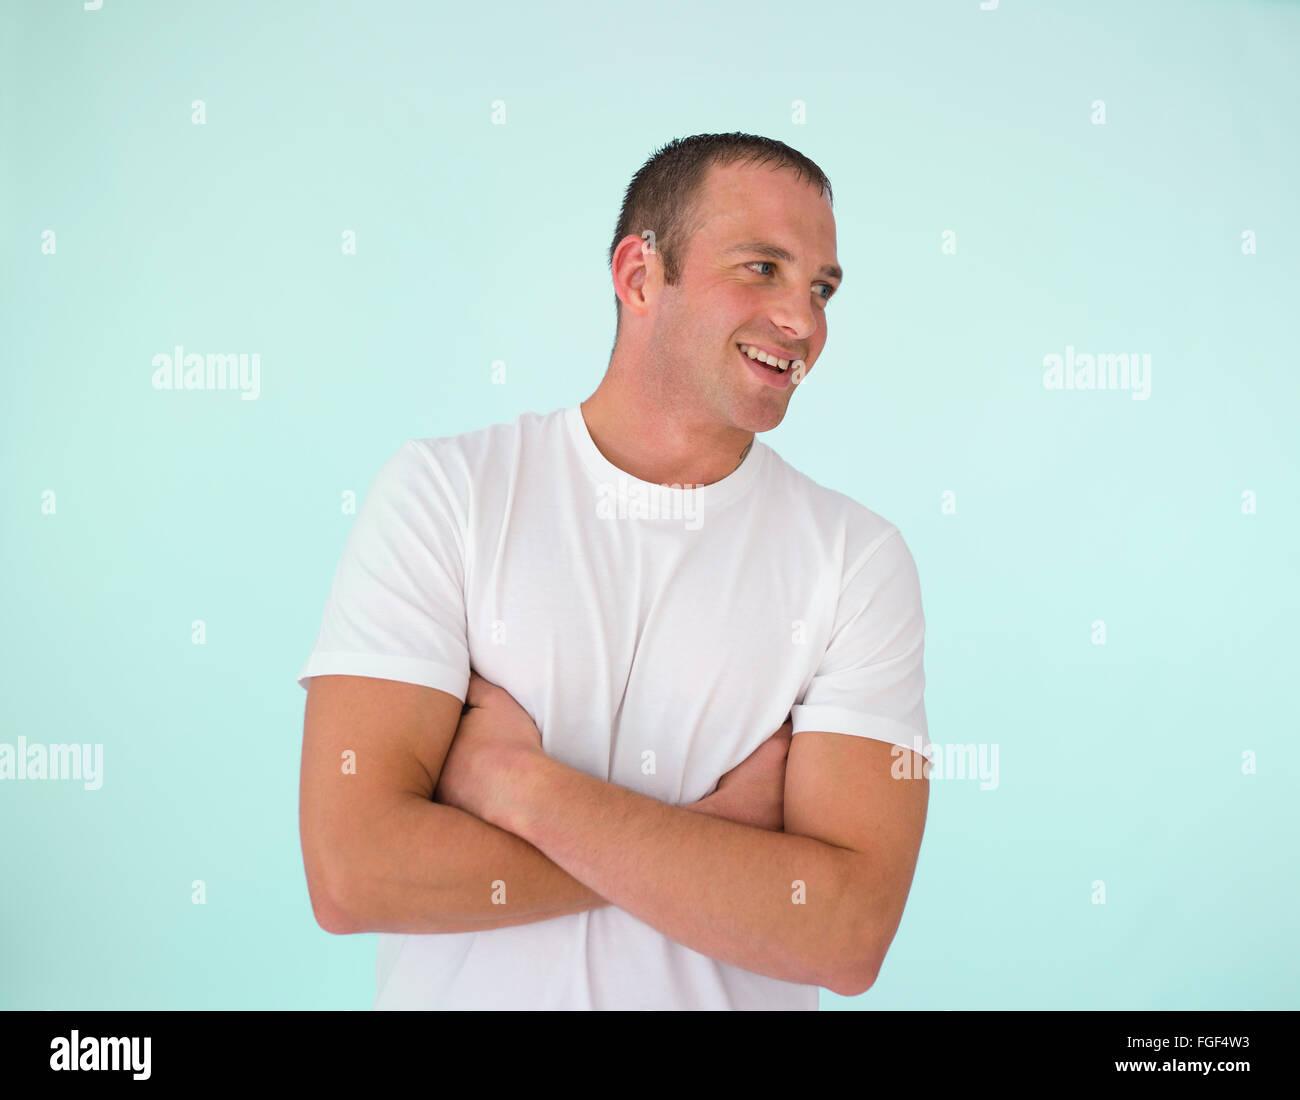 Avec l'homme, les bras croisés, smiling Photo Stock